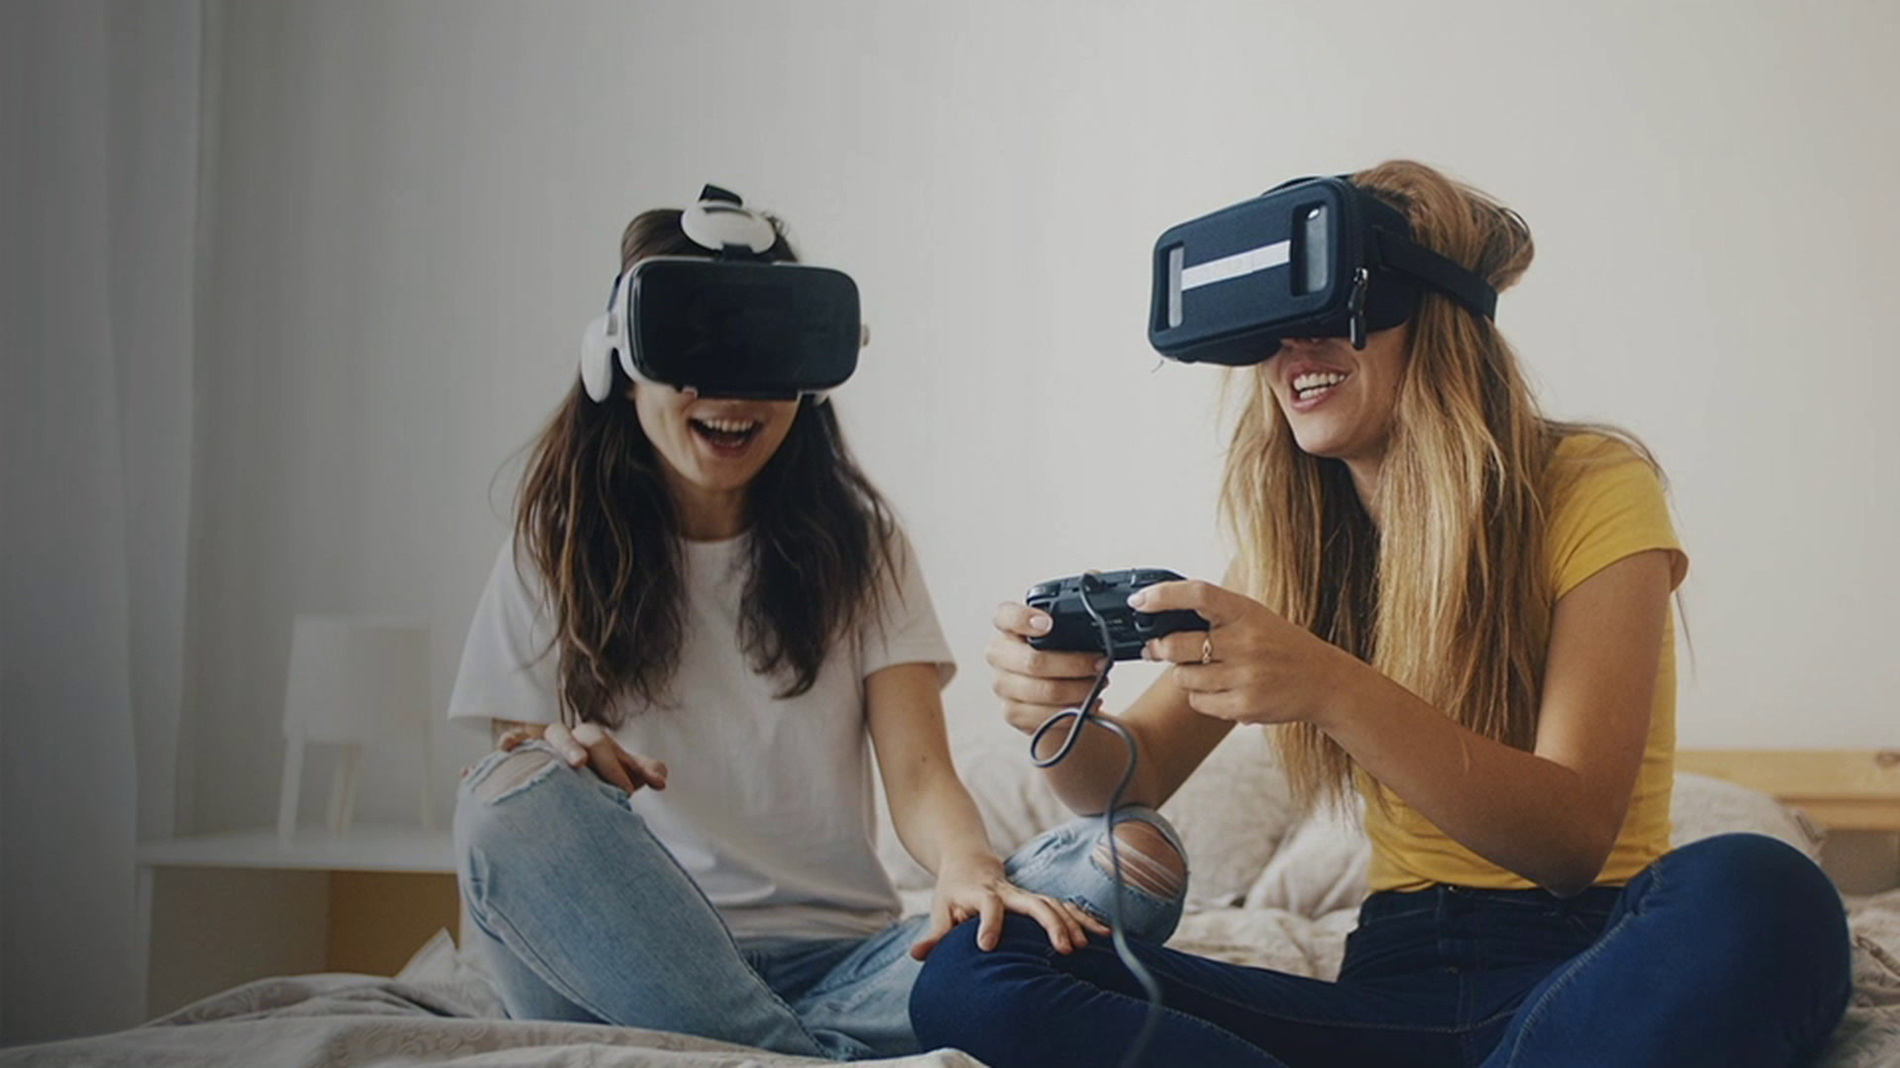 Dos mujeres jugando videojuegos con un auricular VR con Internet superveloz deOptimum